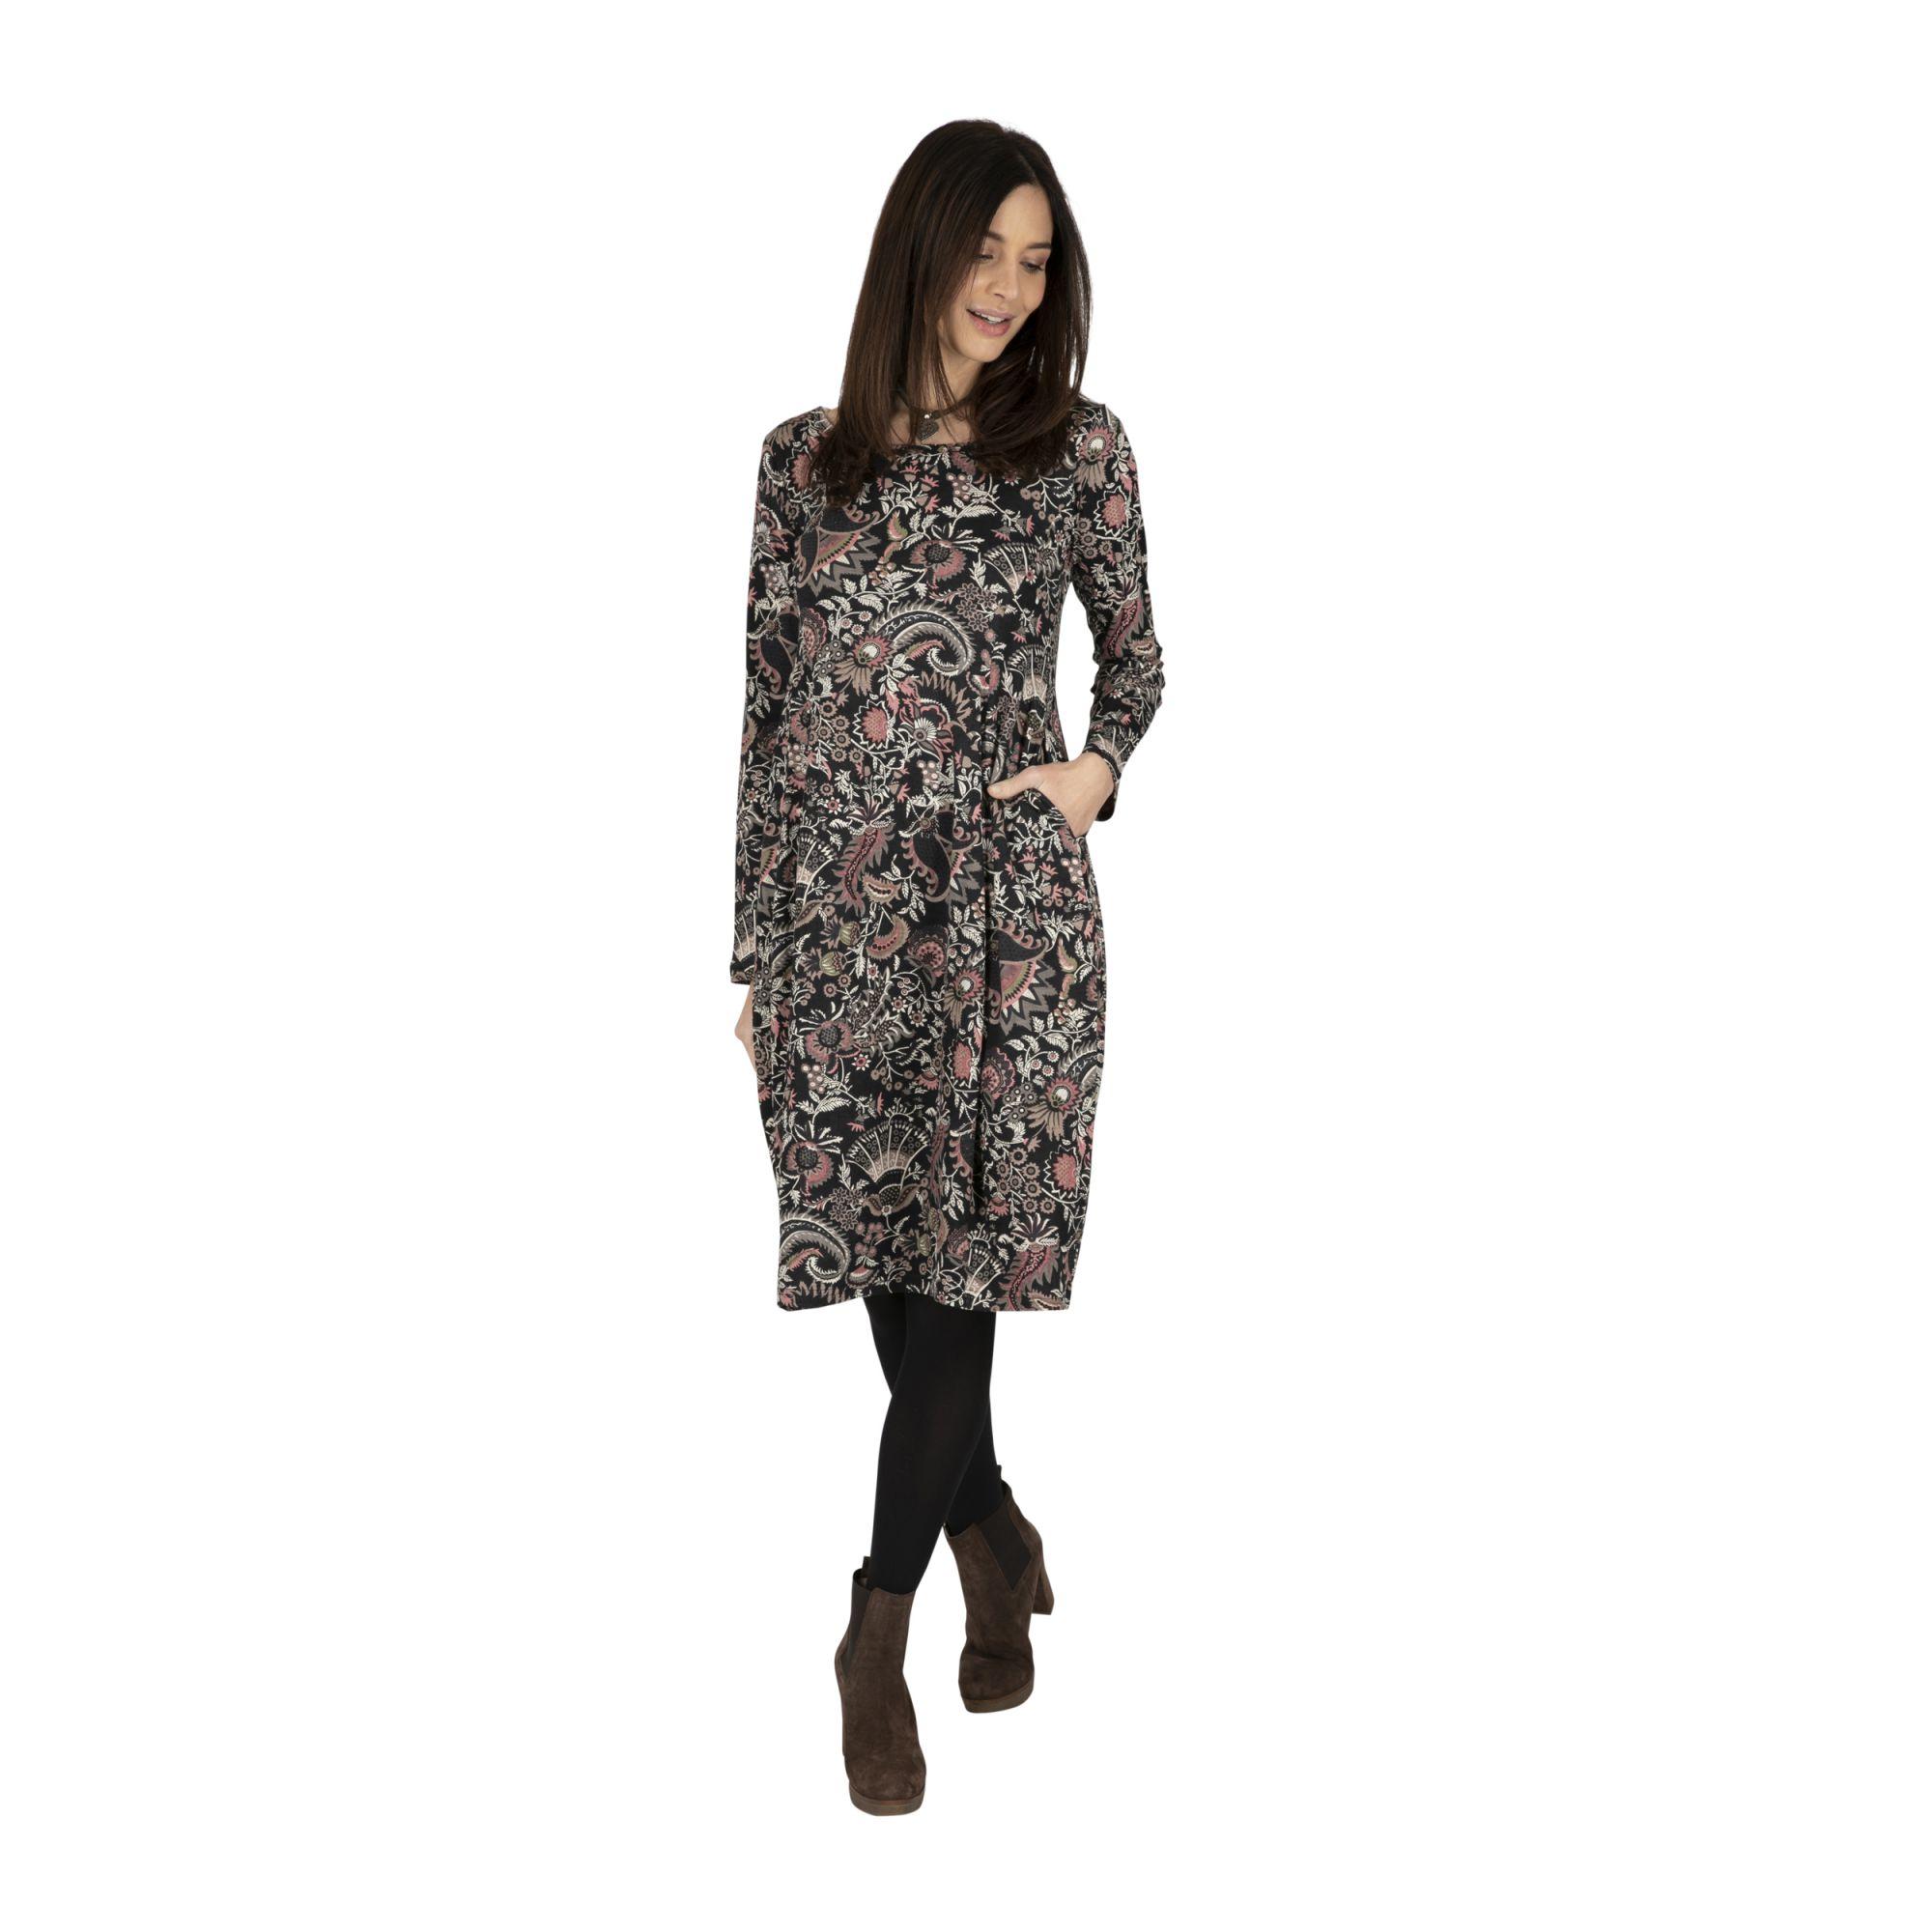 Robe femme bohème chic hiver à imprimé floral Hantie